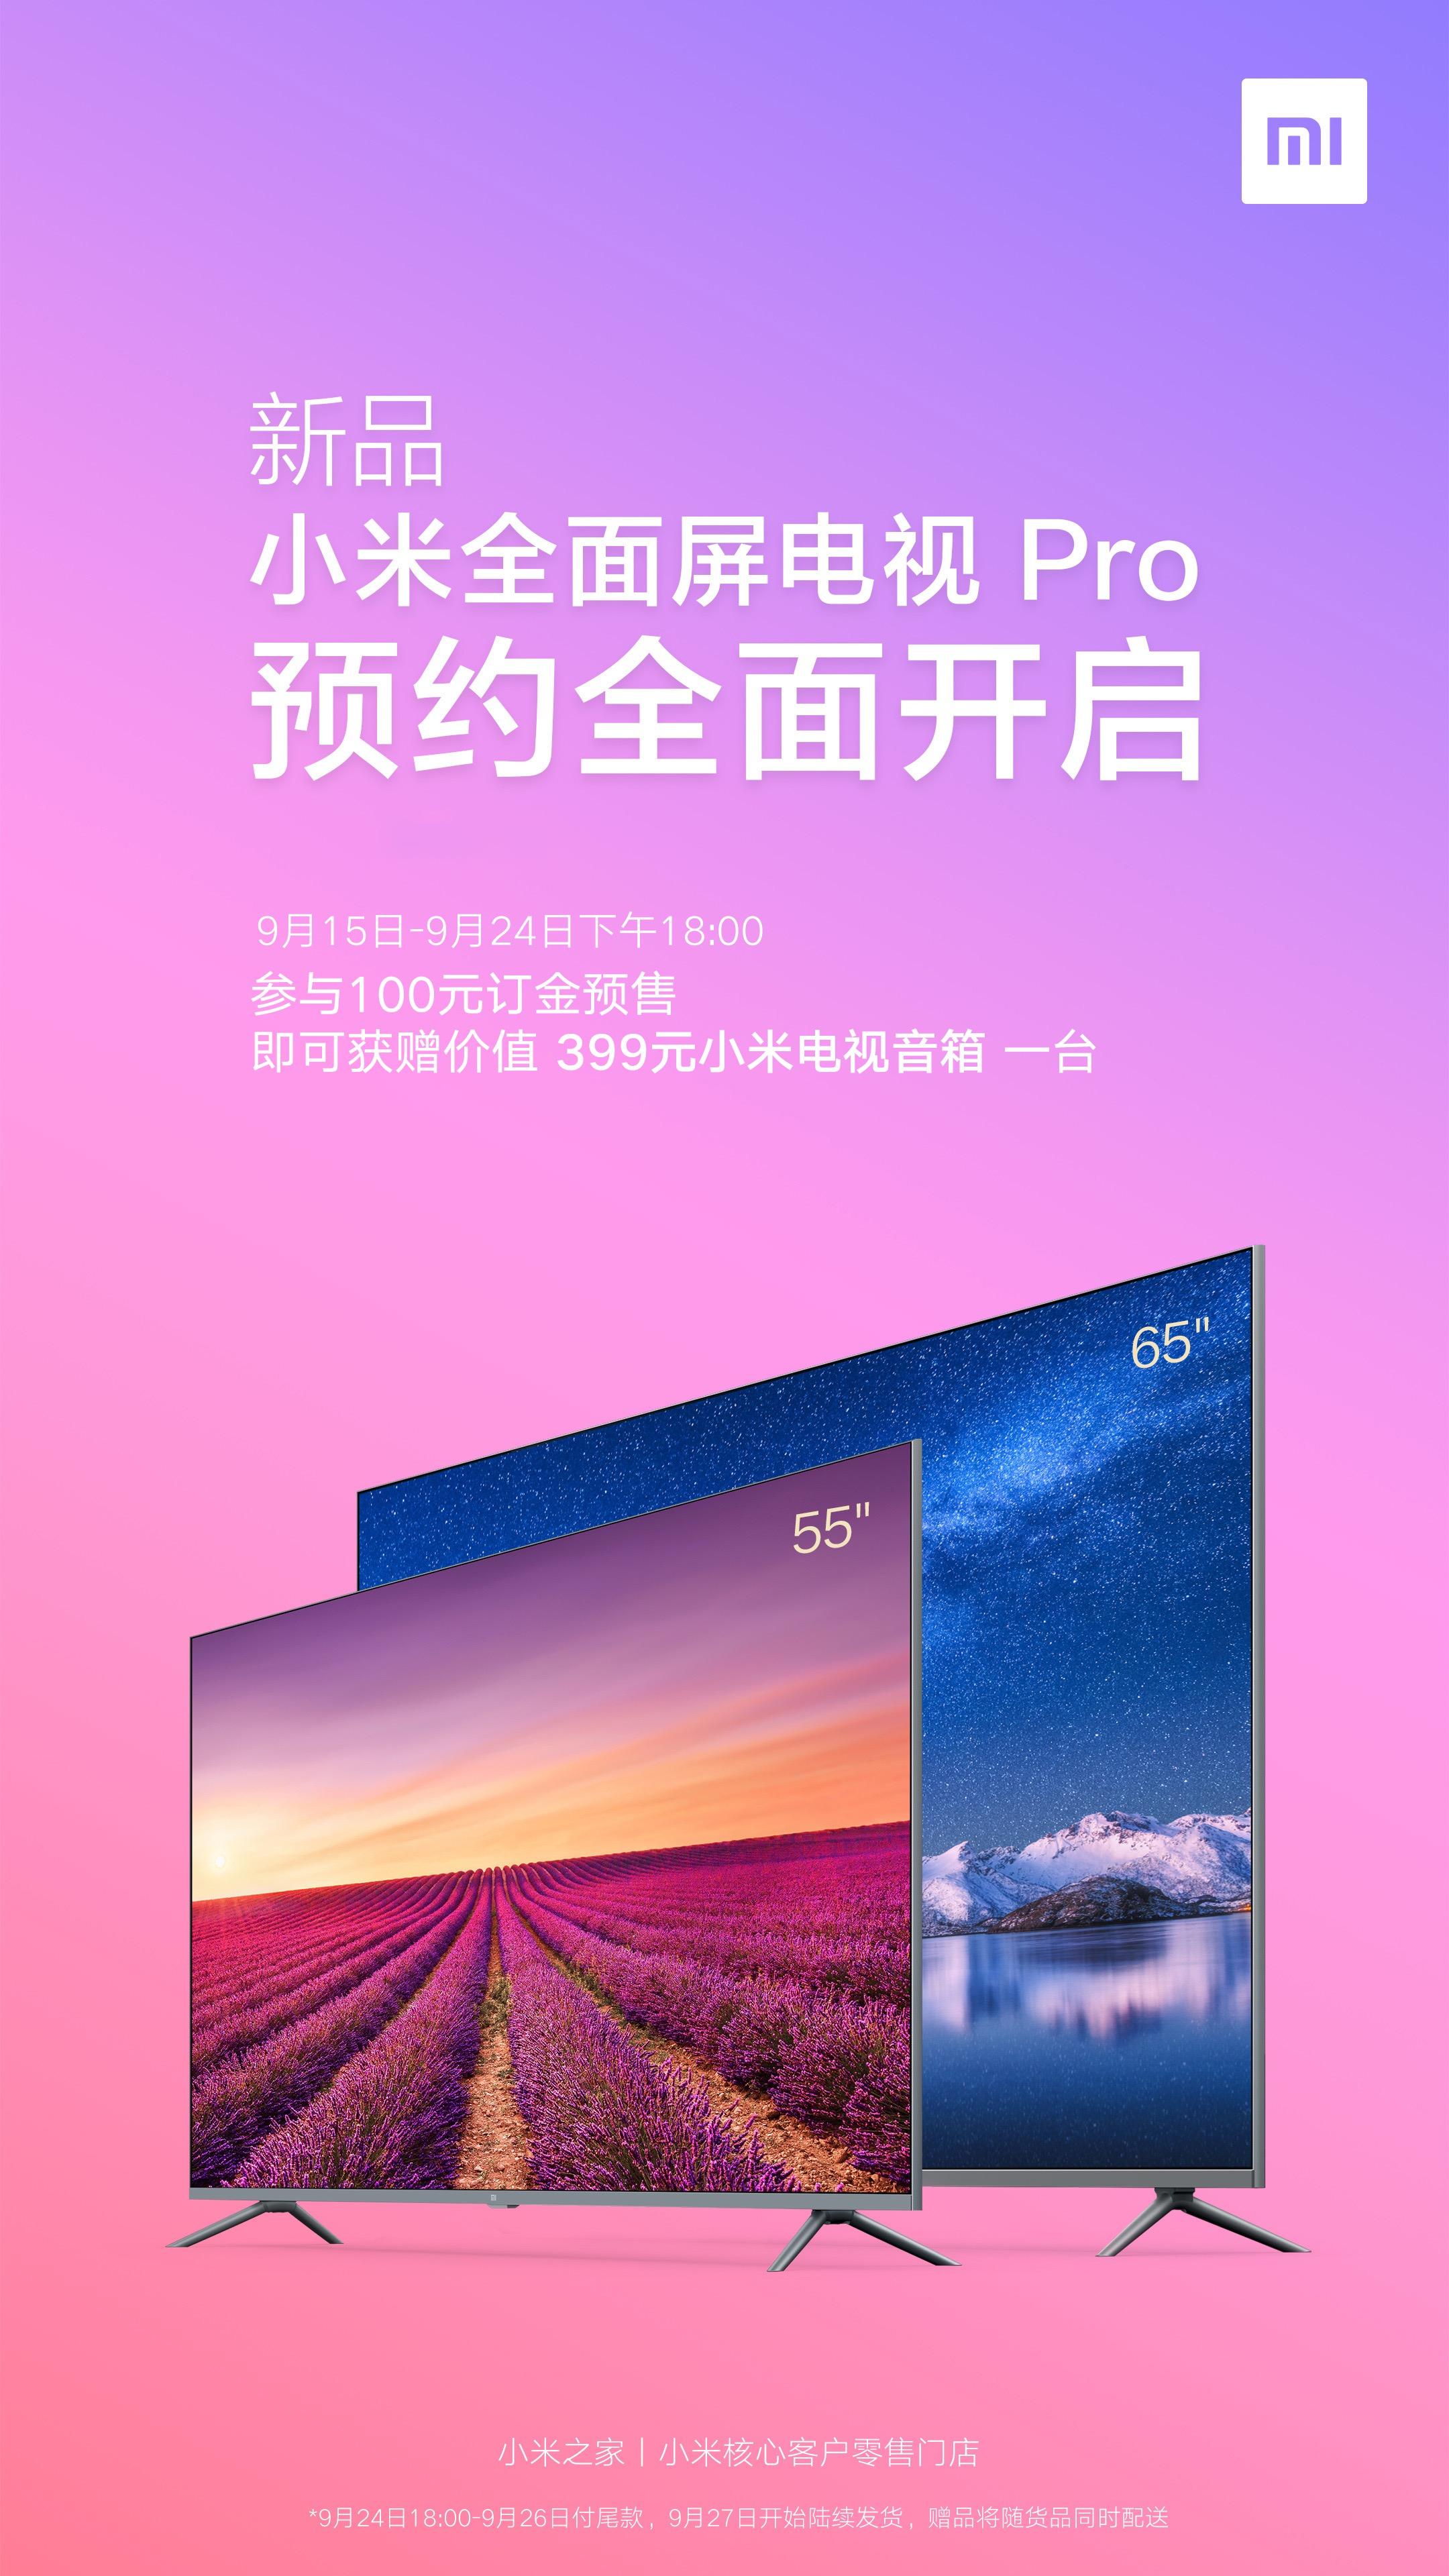 Xiaomi presentará sus nuevos Xiaomi TV Pro este próximo 24 de septiembre. Noticias Xiaomi Adictos